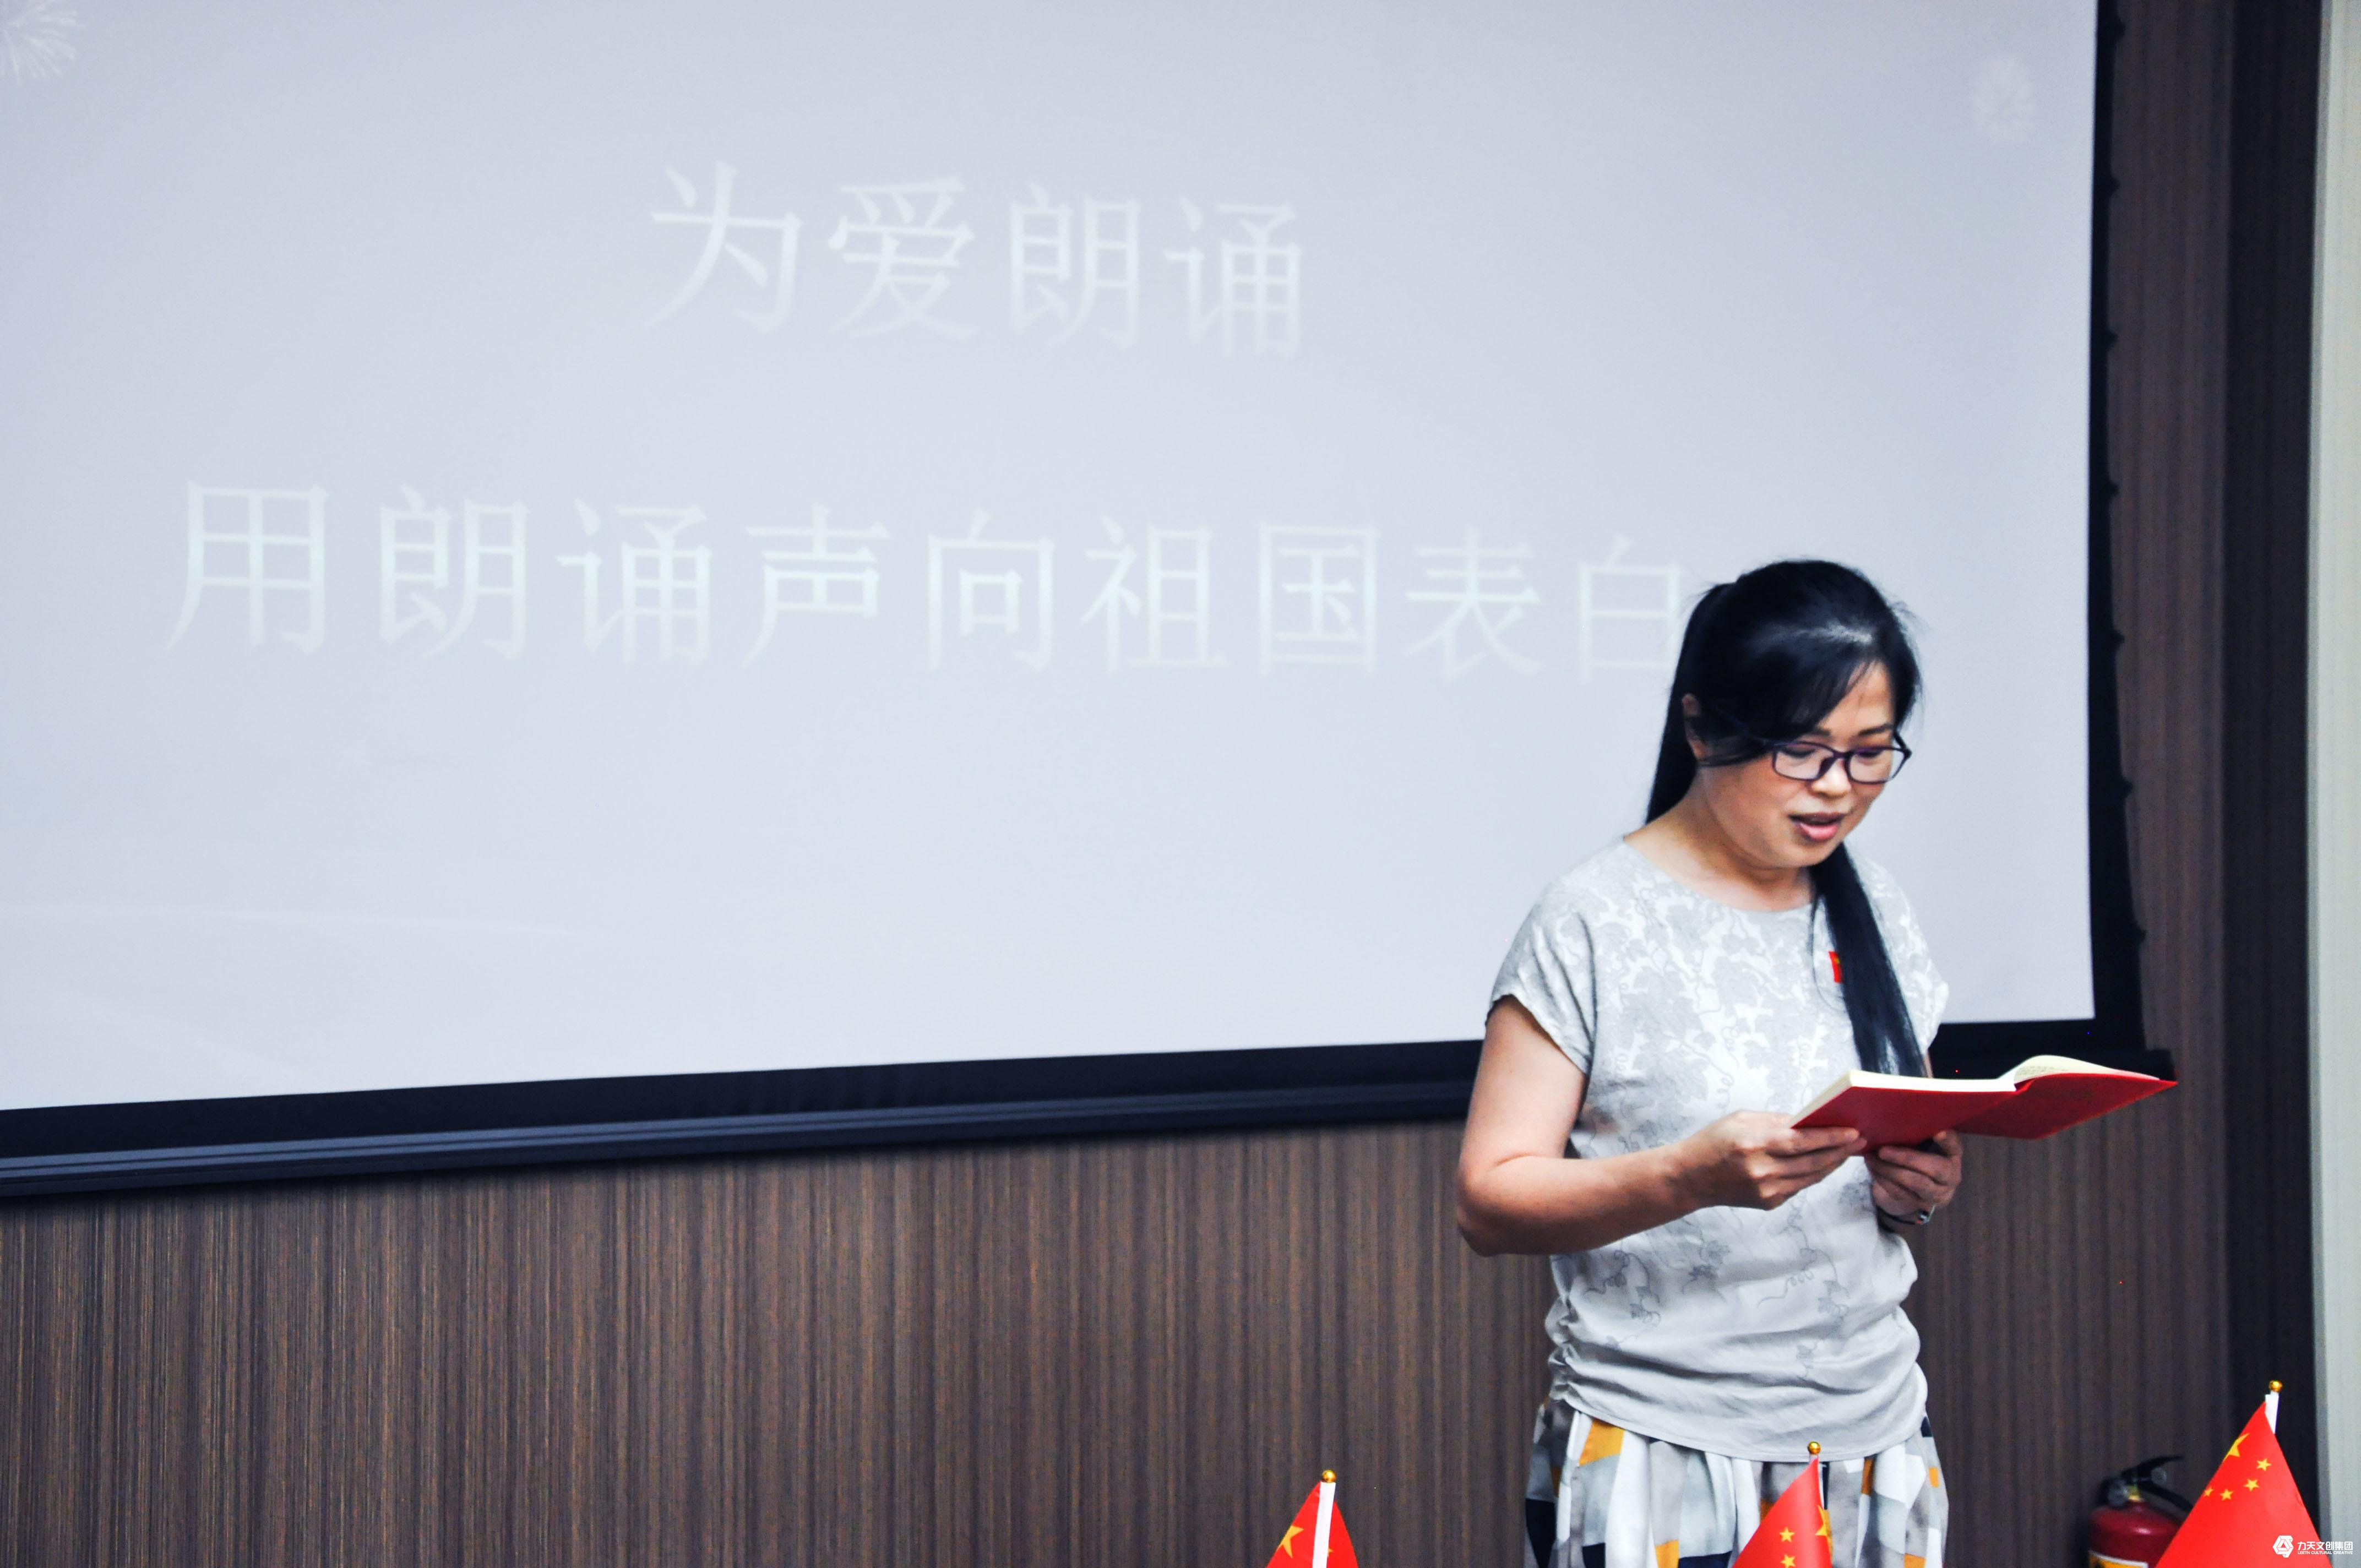 力天党员在行动:《我爱我的祖国》诗歌朗诵交流会 —— 力天文创集团2019年迎国庆活动